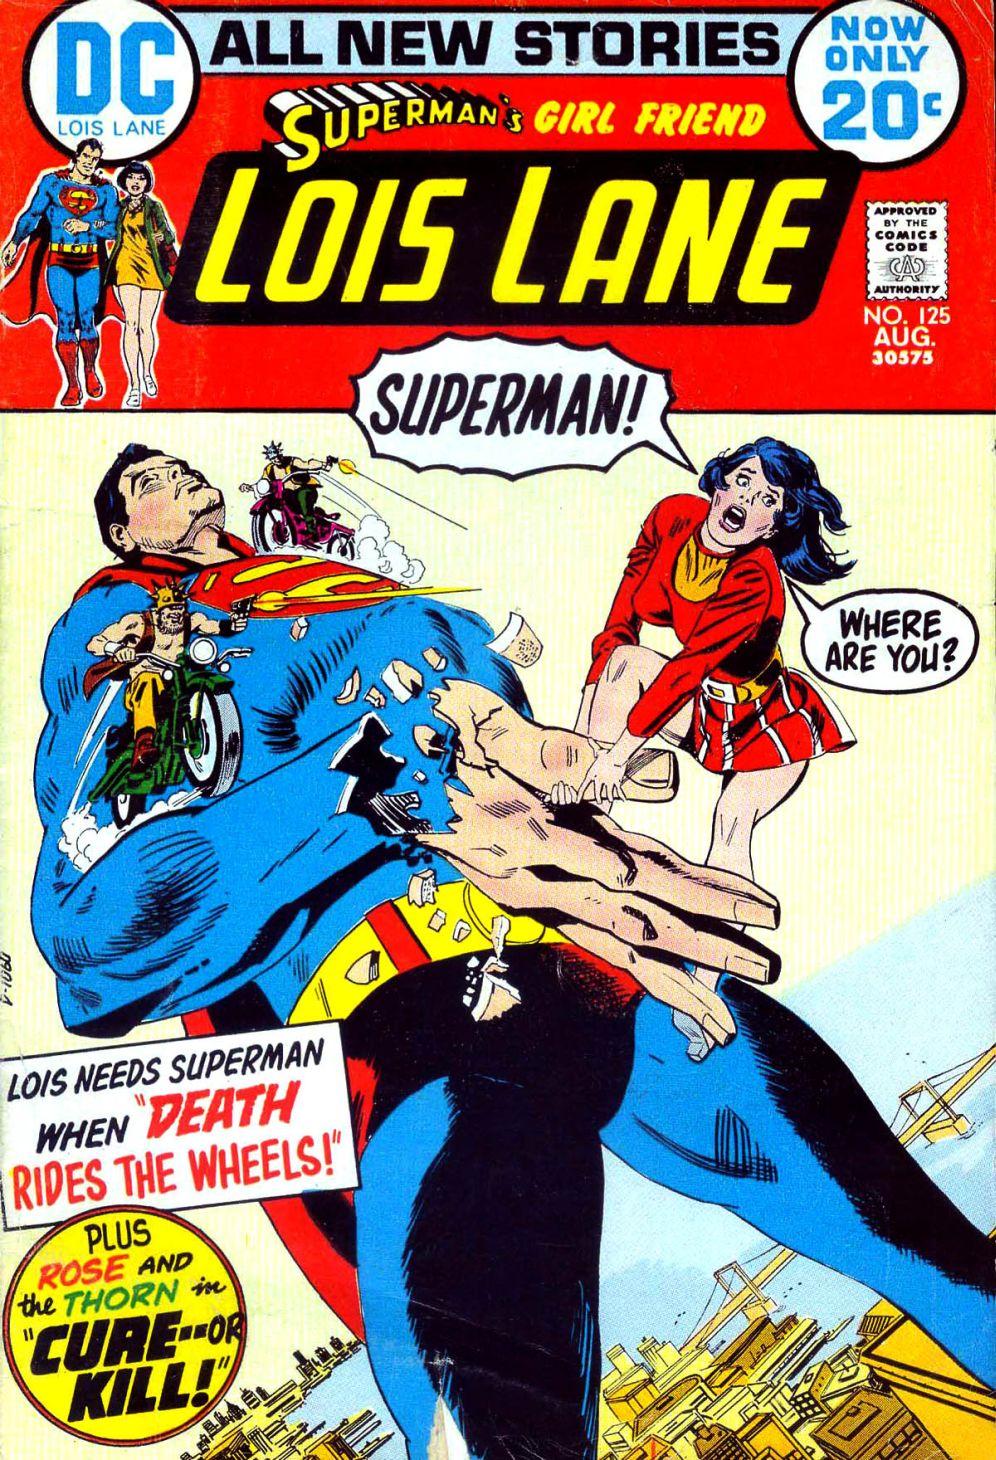 Supermans Girl Friend, Lois Lane 125 Page 1